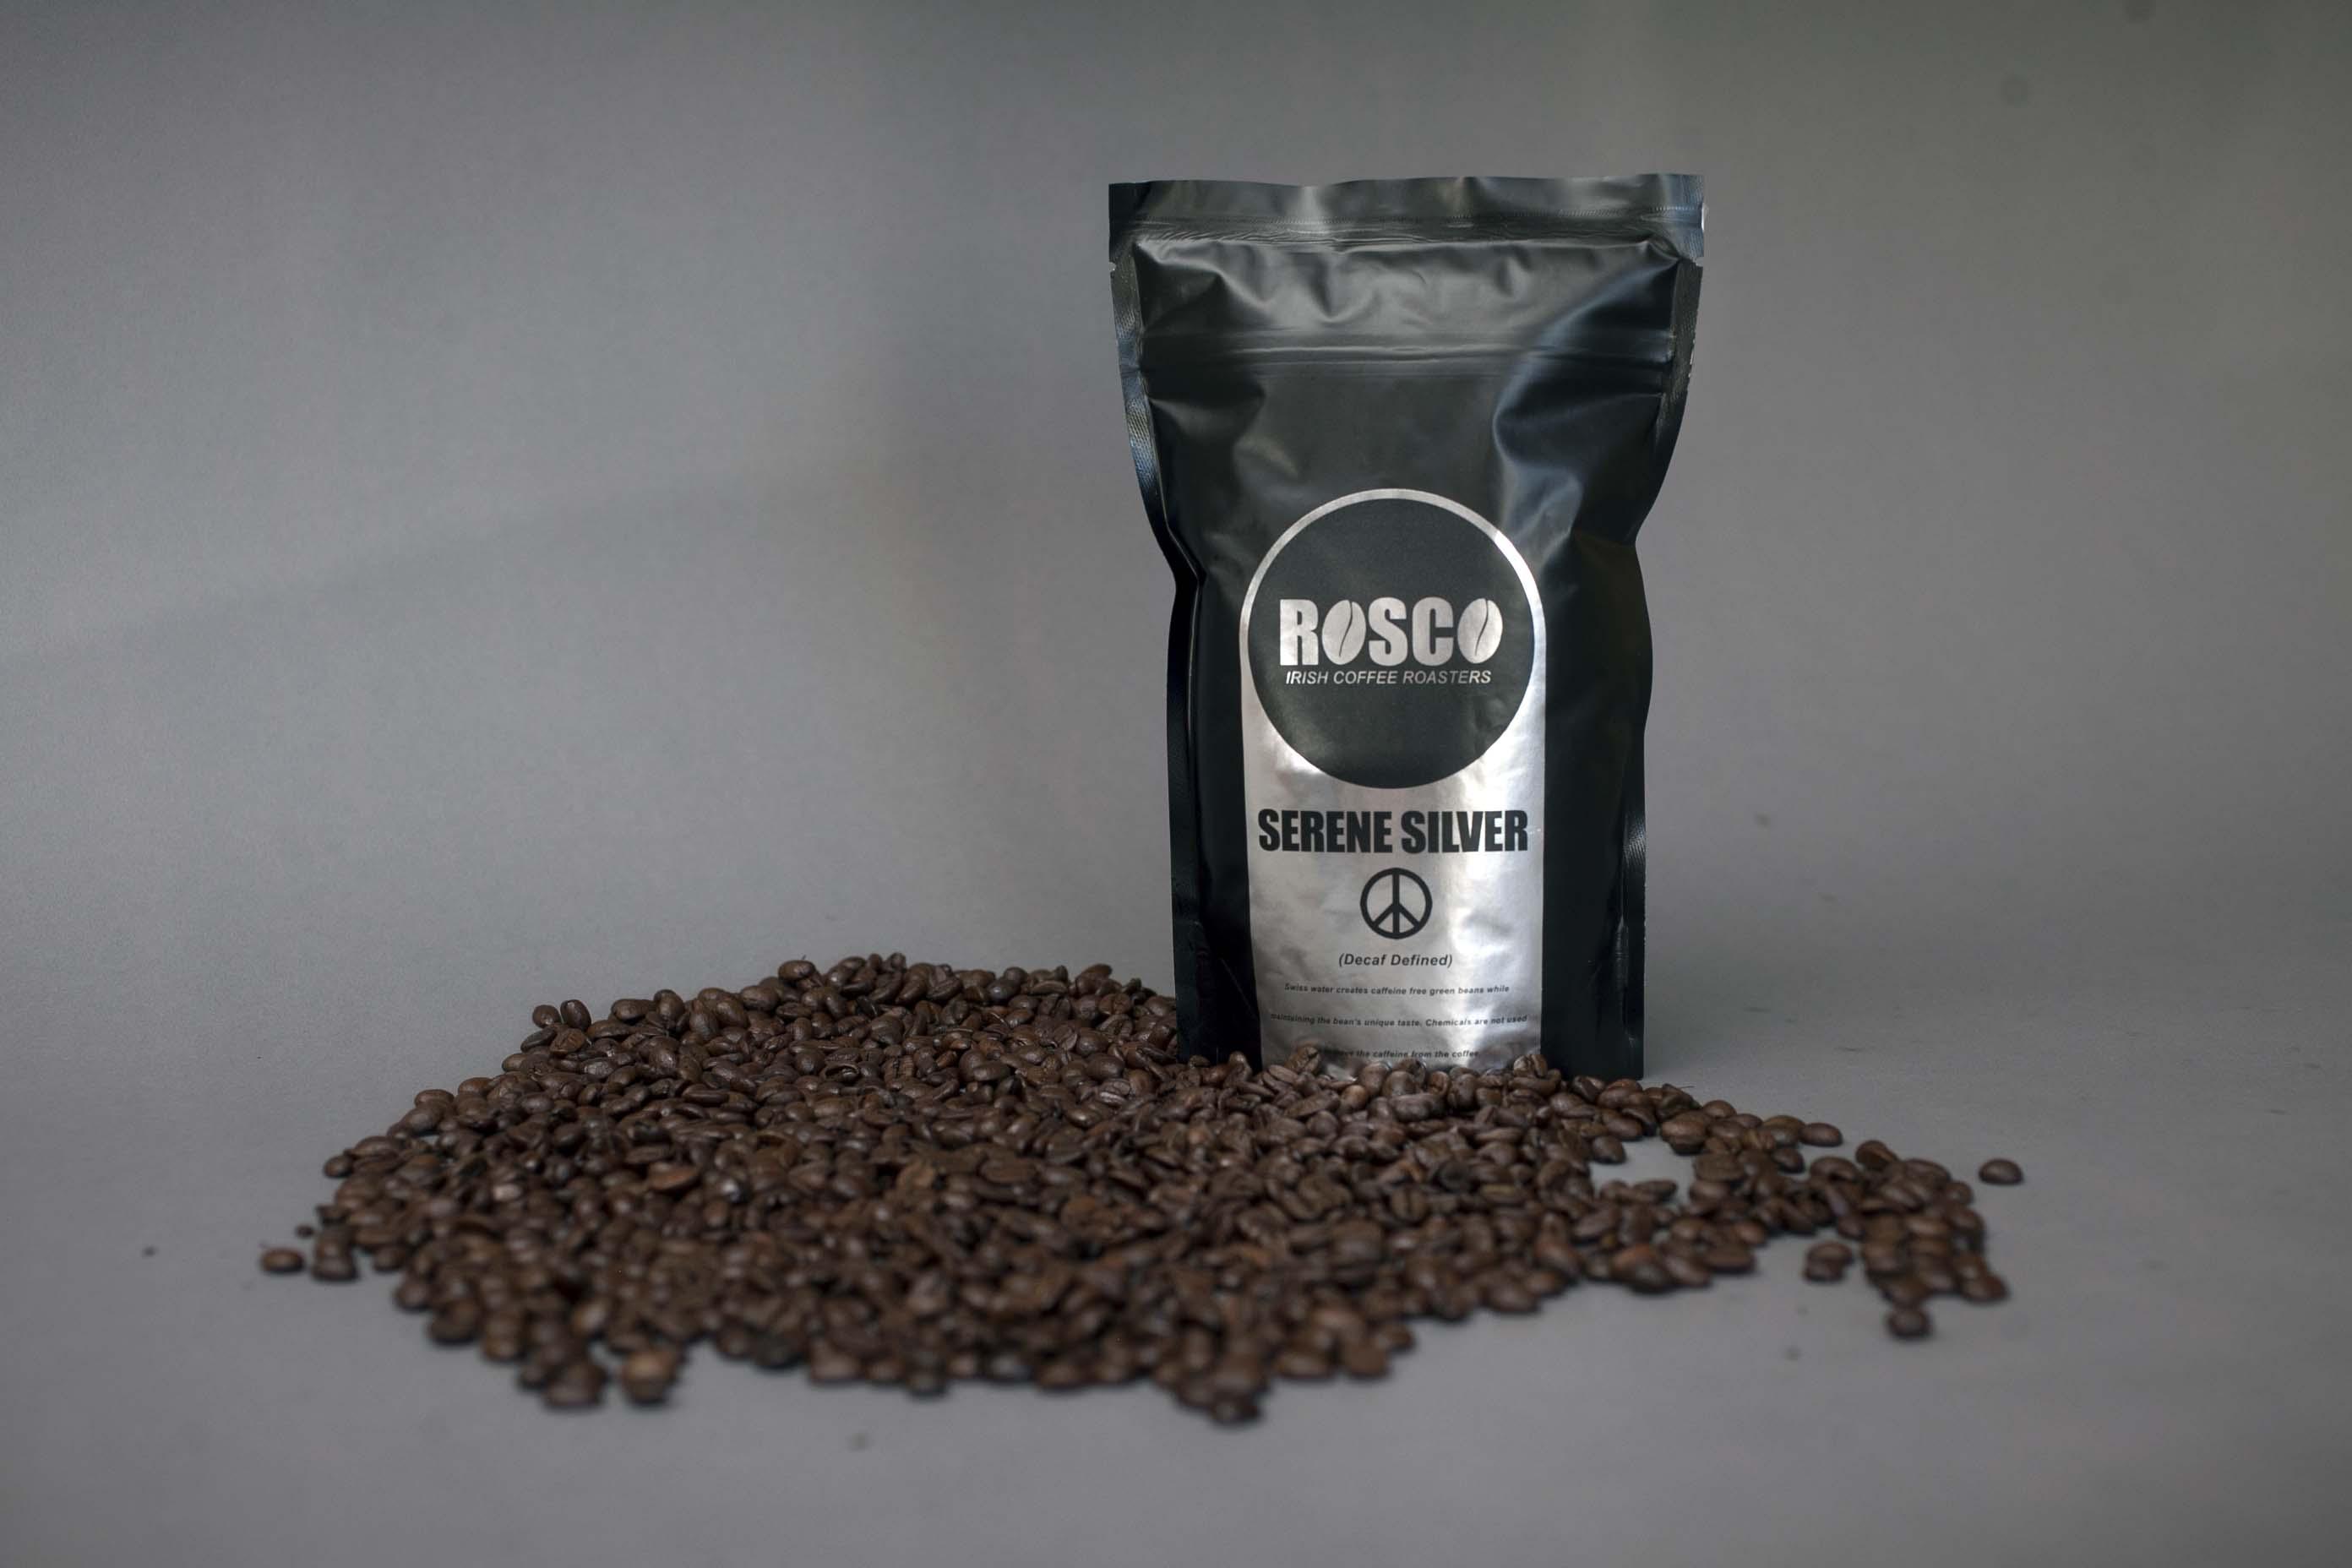 ROSCO COFFEE IRISH COFFEE ROASTERS